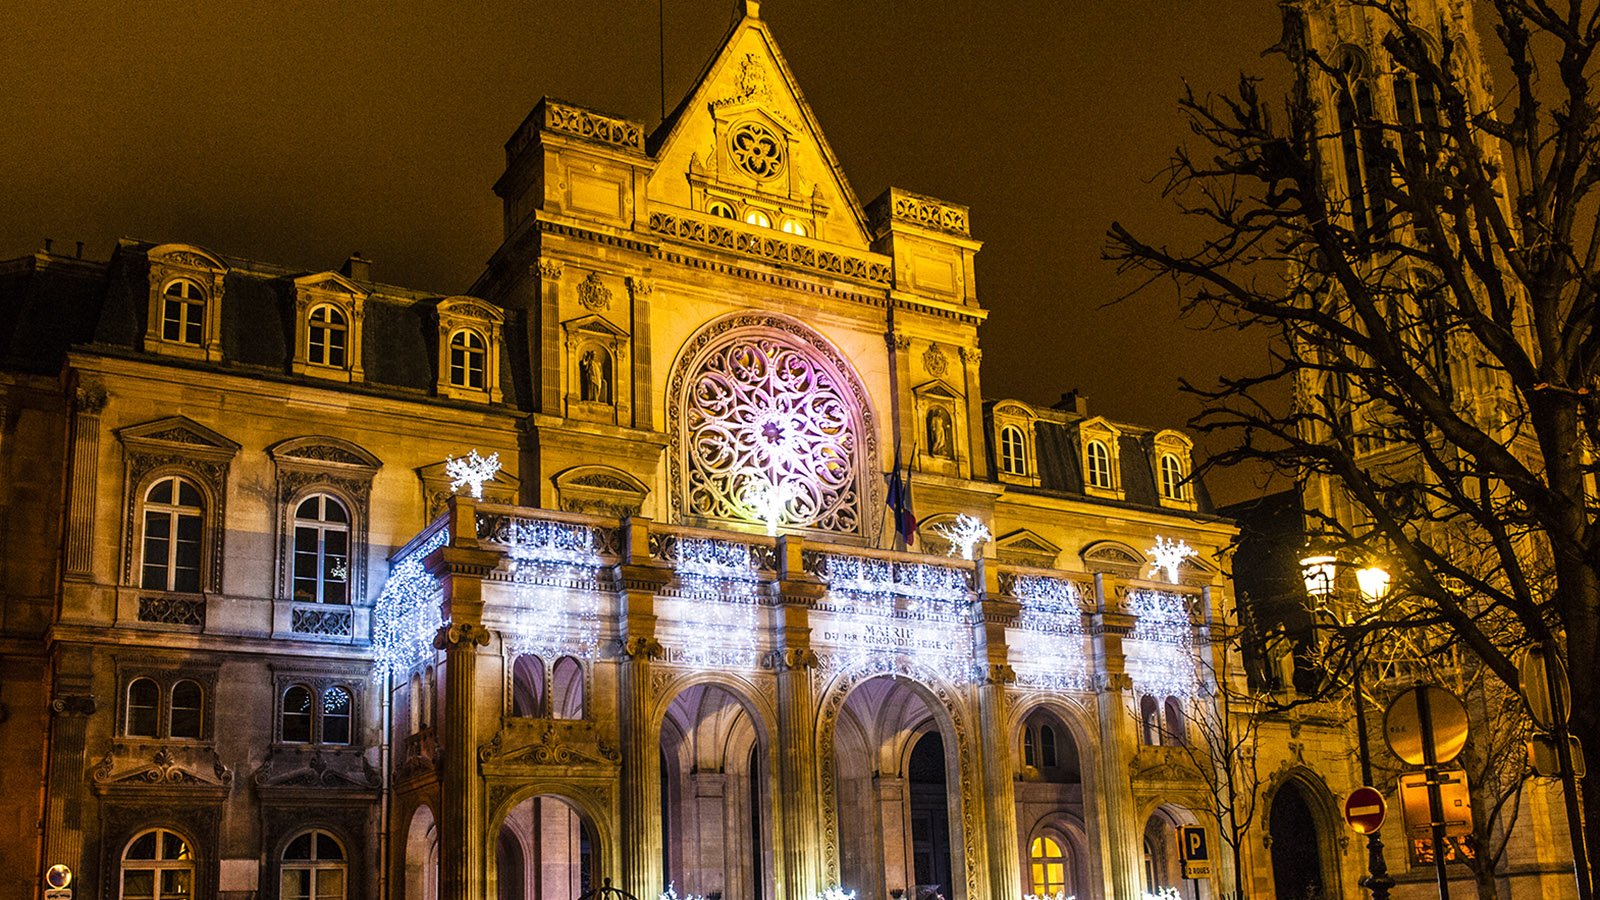 Die spätgotische Pfarrkirche Saint-Germain-l'Auxerrois bei Nacht. Foto: Hilke Maunder